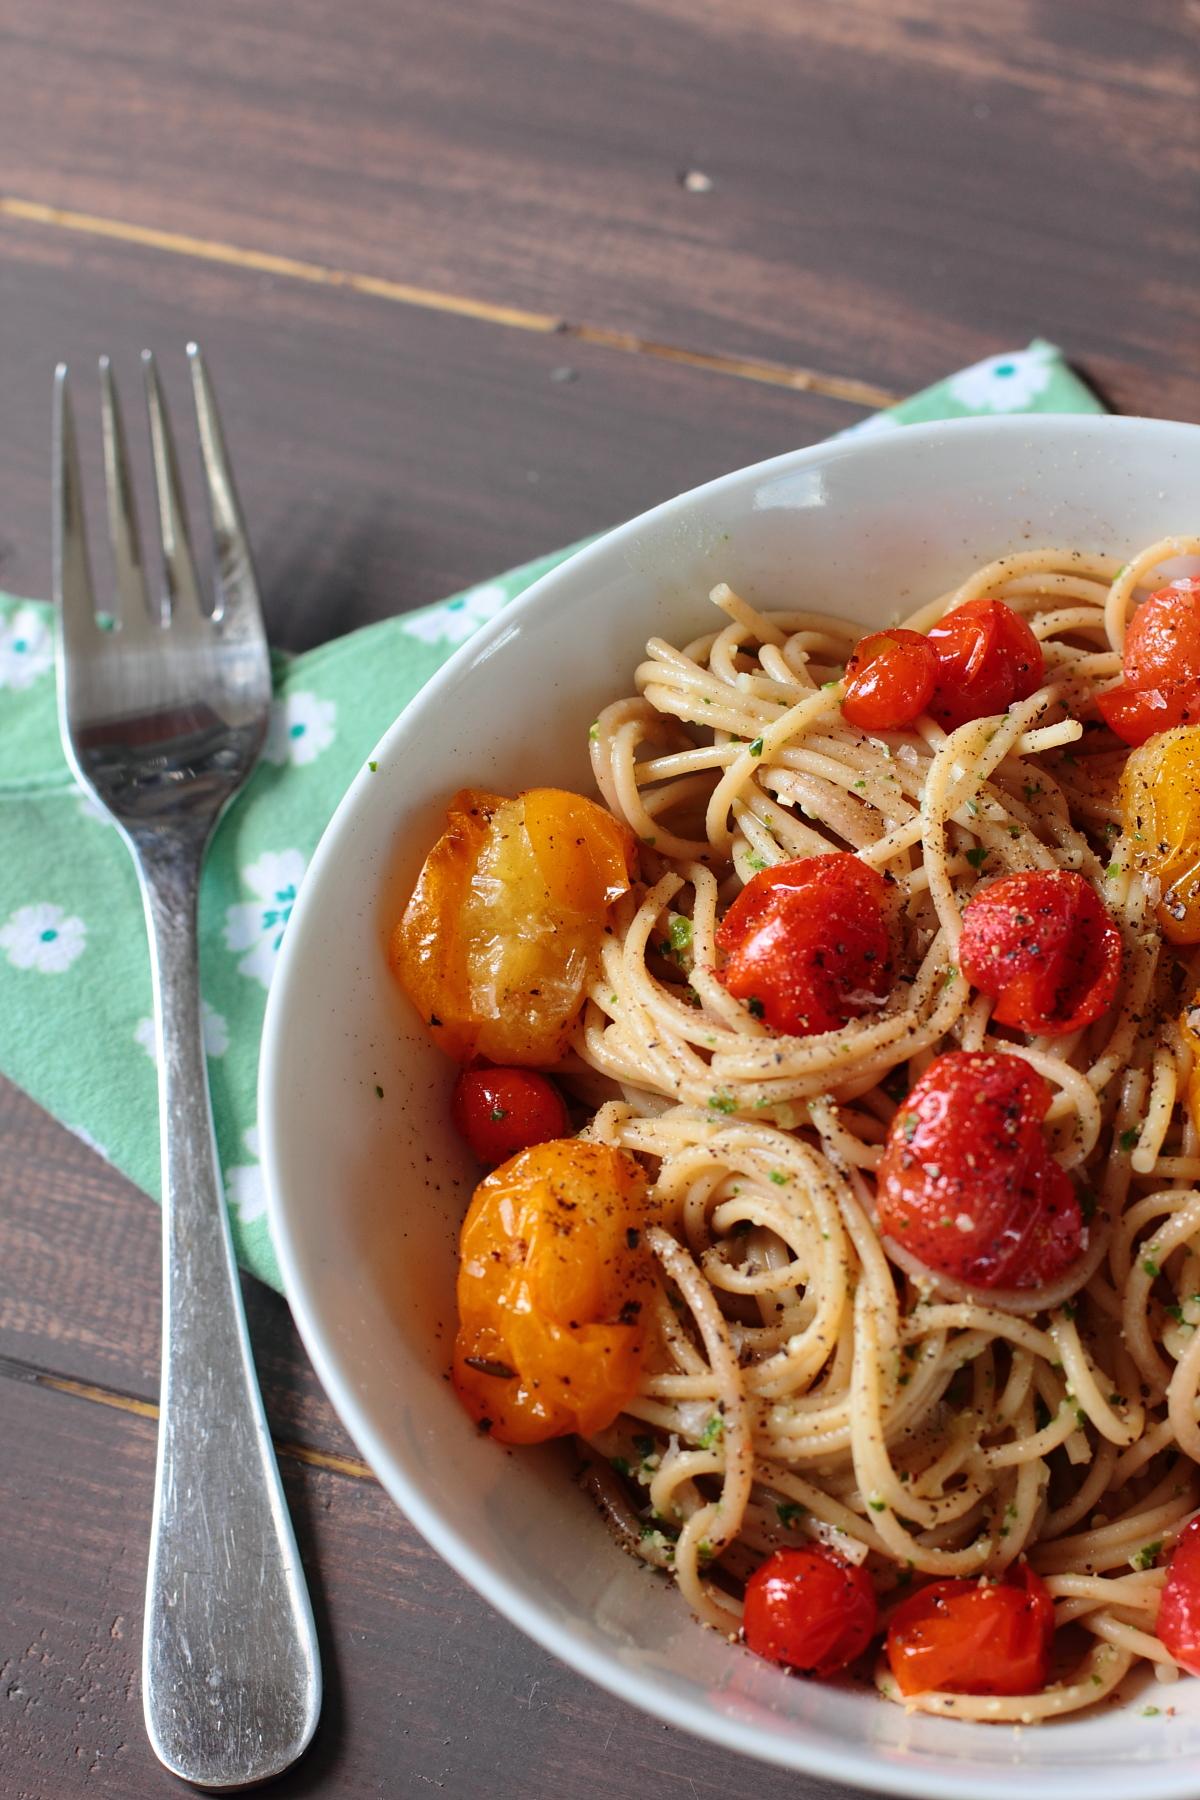 TomatoPastaIMG_5659©2012_HelenaMcMurdo